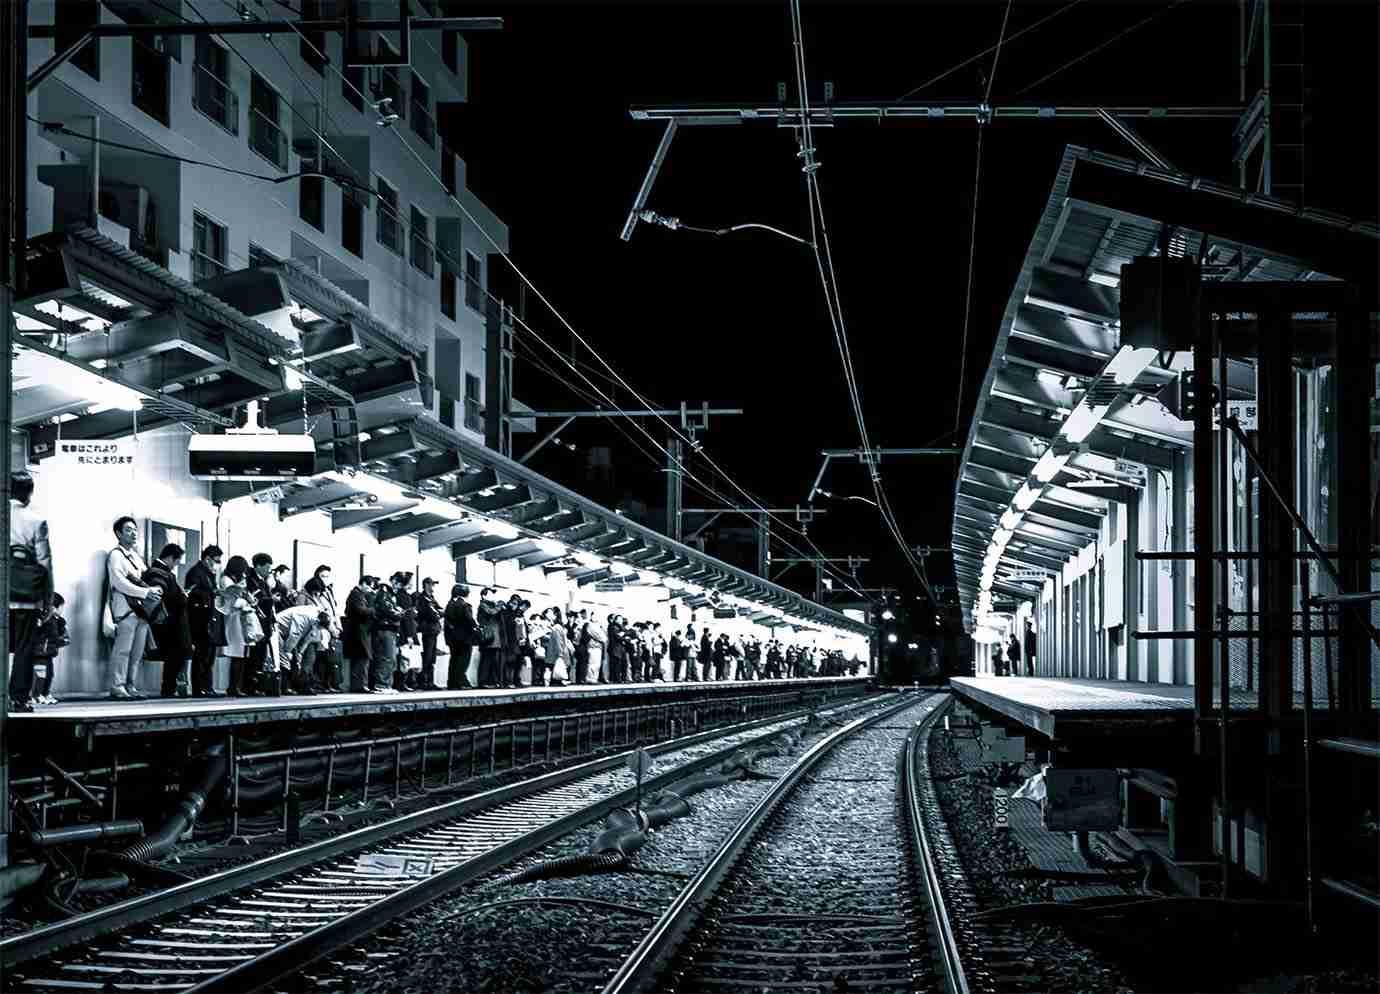 【緊急事態発生】奈良県で女子高生が自殺の様子をインターネット生配信 / ホームから線路に飛び込み | バズプラスニュース Buzz+